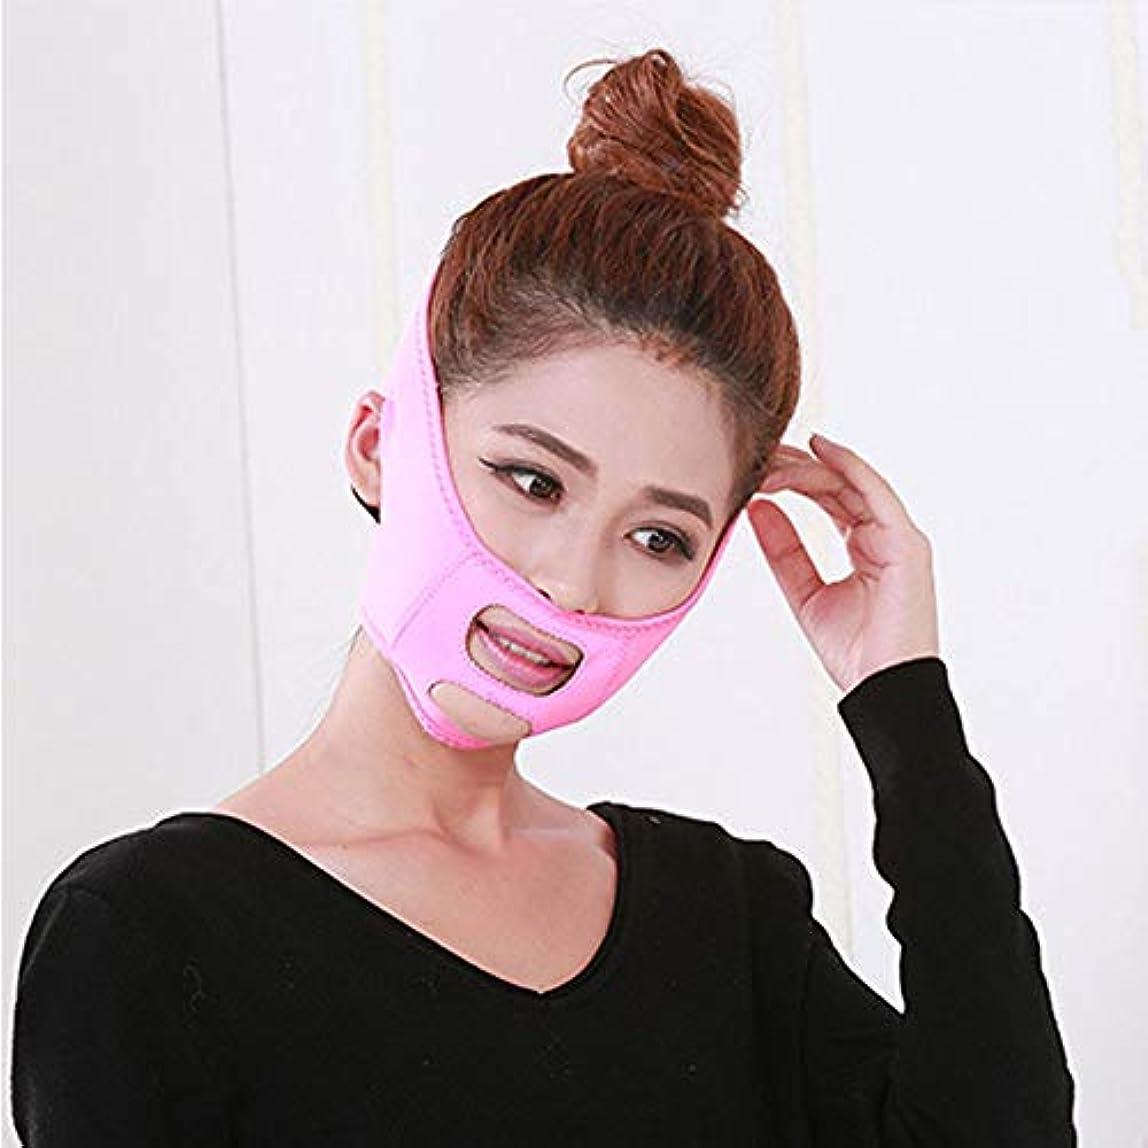 ヘロイン環境処理するV顔アーティファクト、あごの頬抗しわ通気性マスク修正3Dフェイスリフティング包帯,Pink